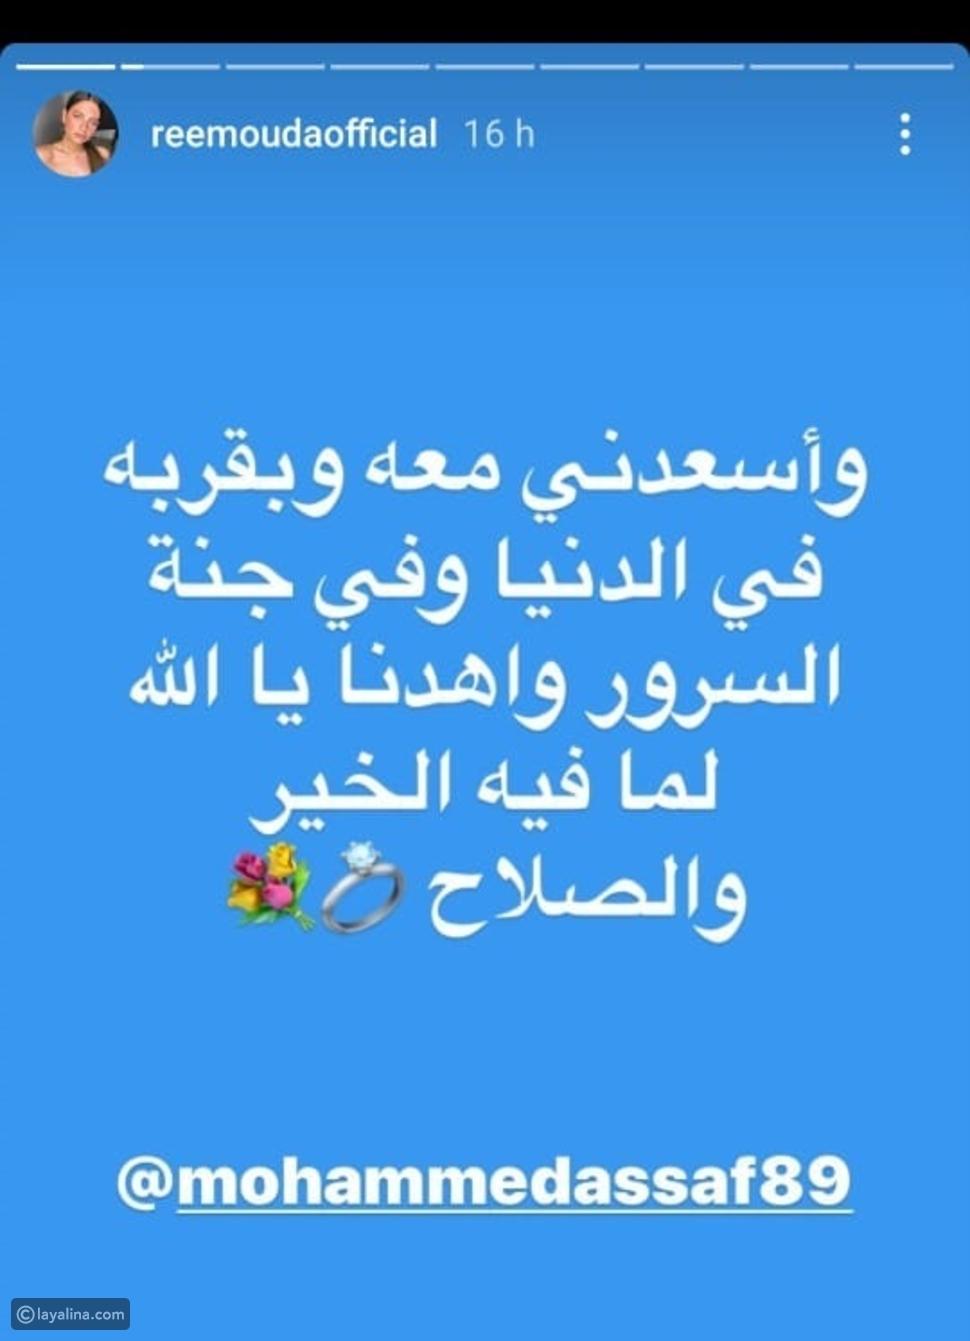 حساب يحمل اسم ريم عودة زوجة محمد عساف